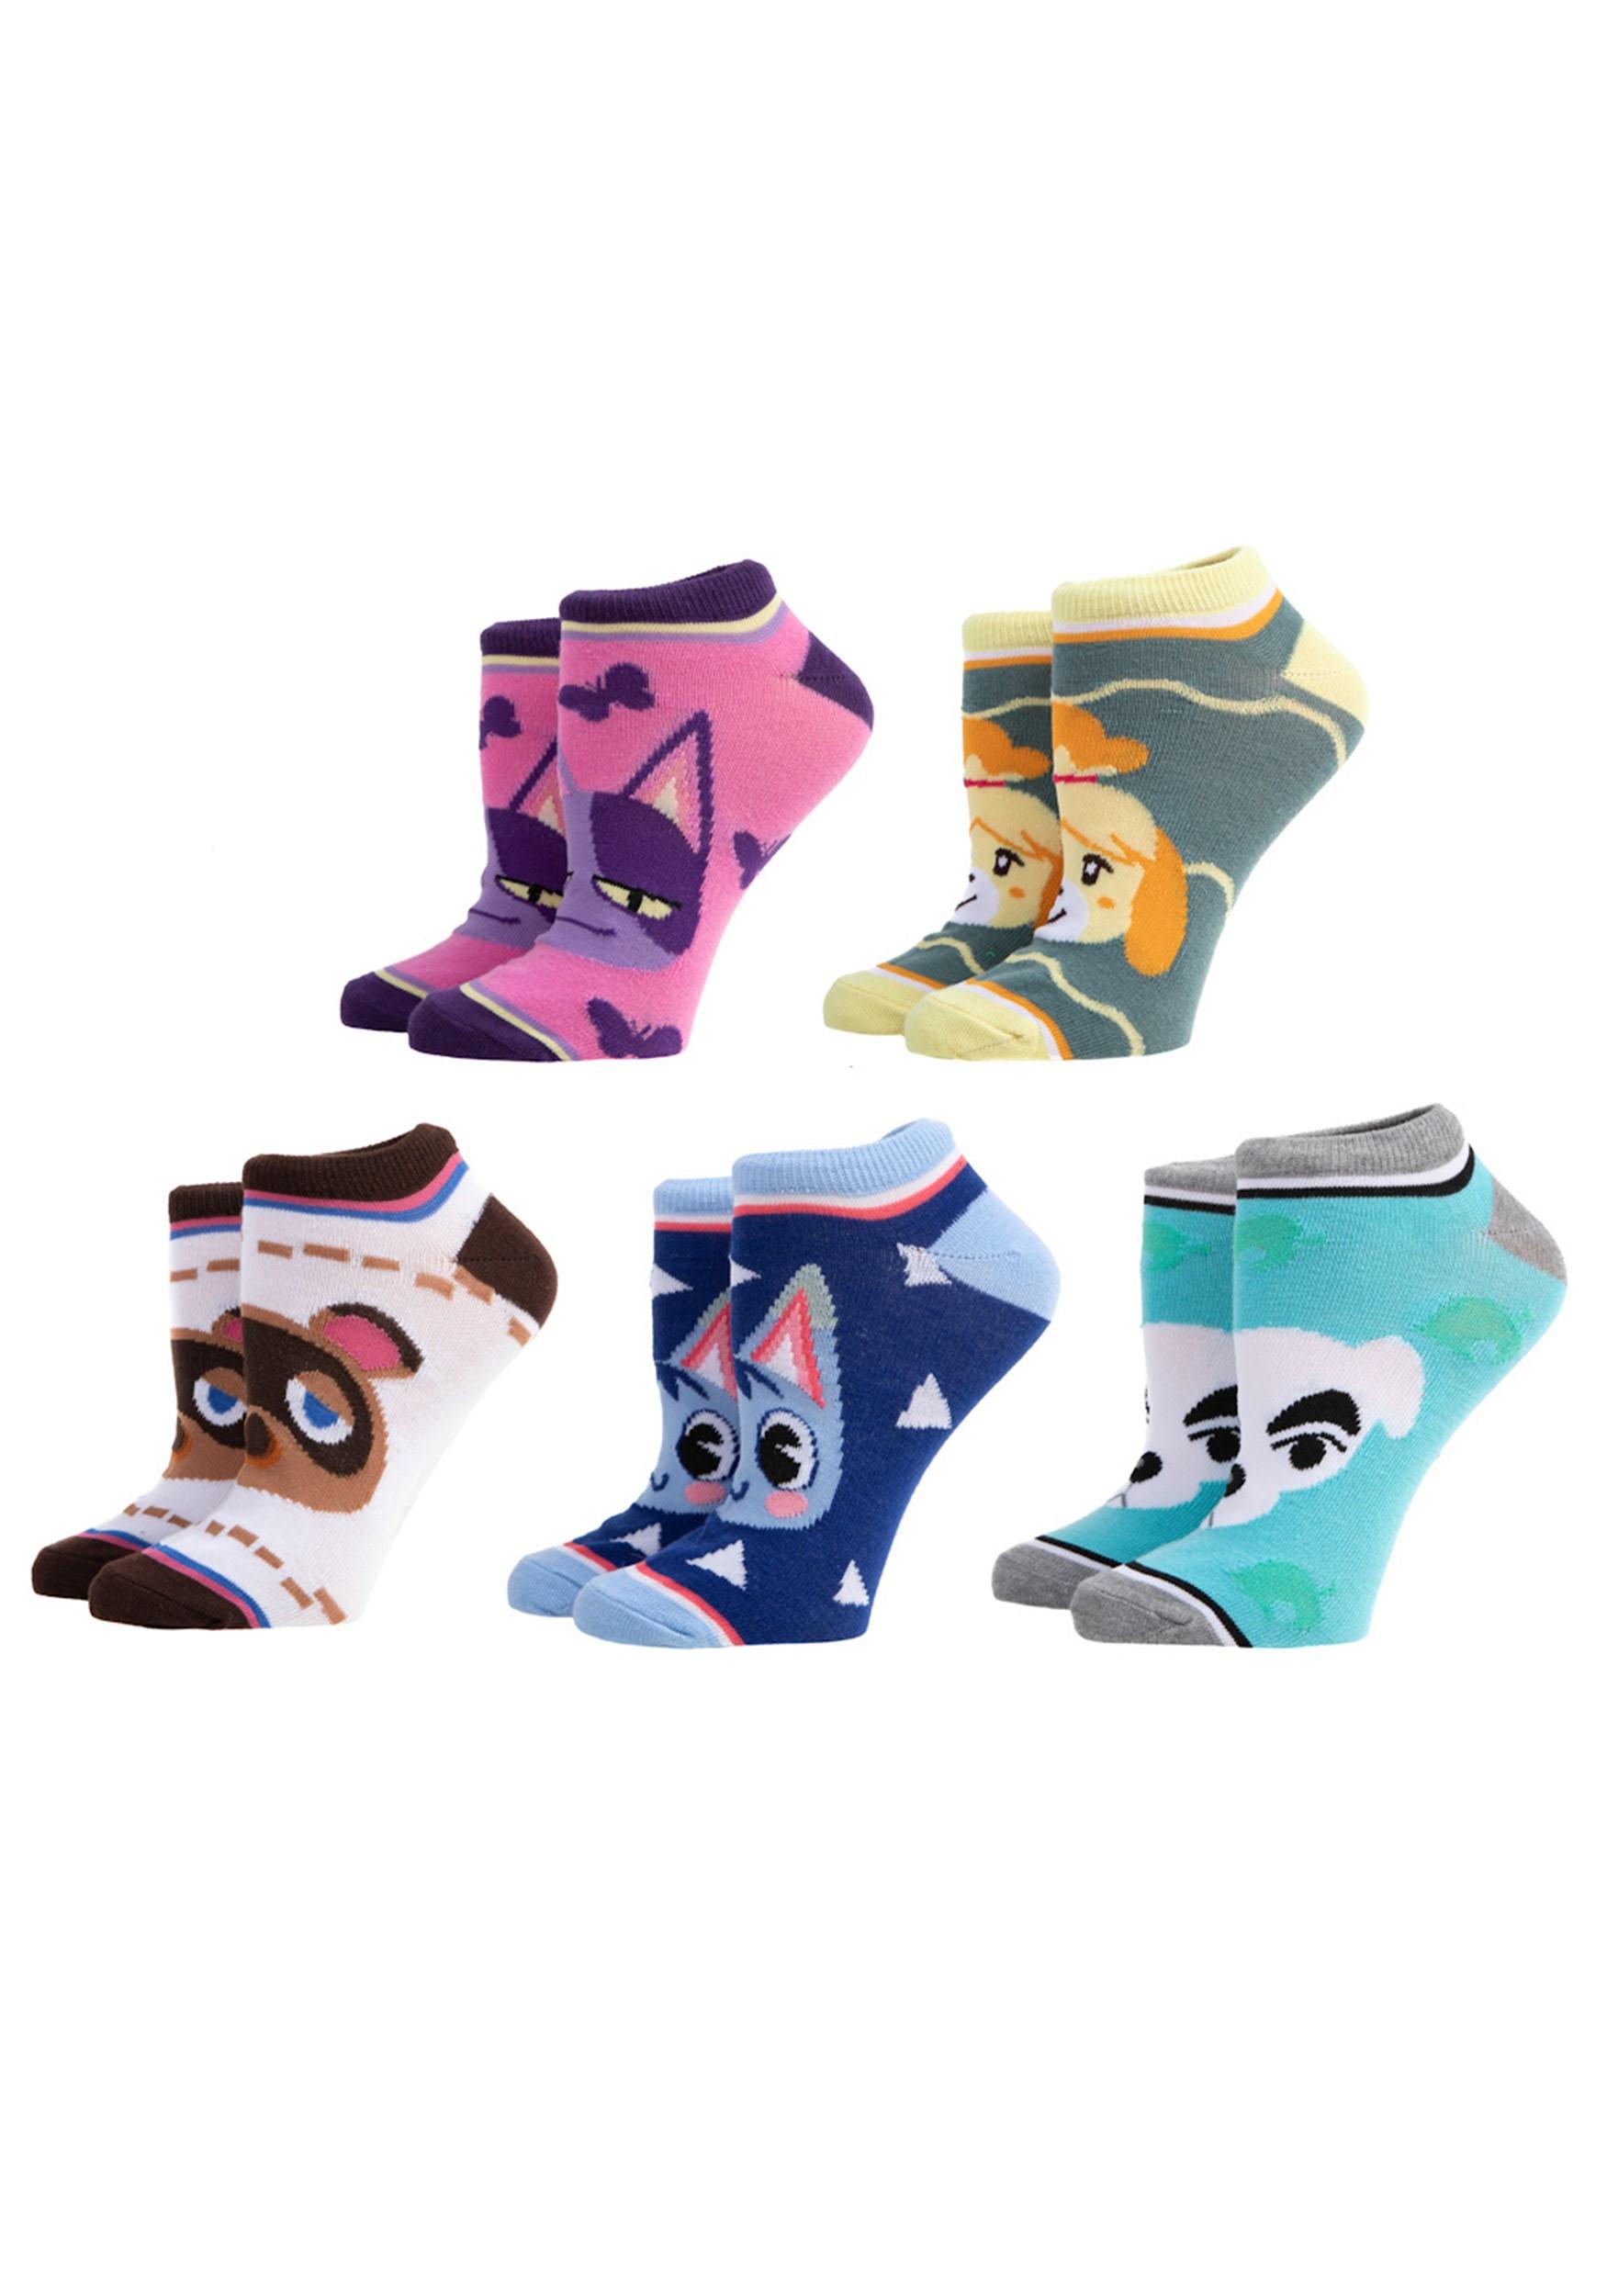 5 Pair Animal Crossing Ankle Sock Pack